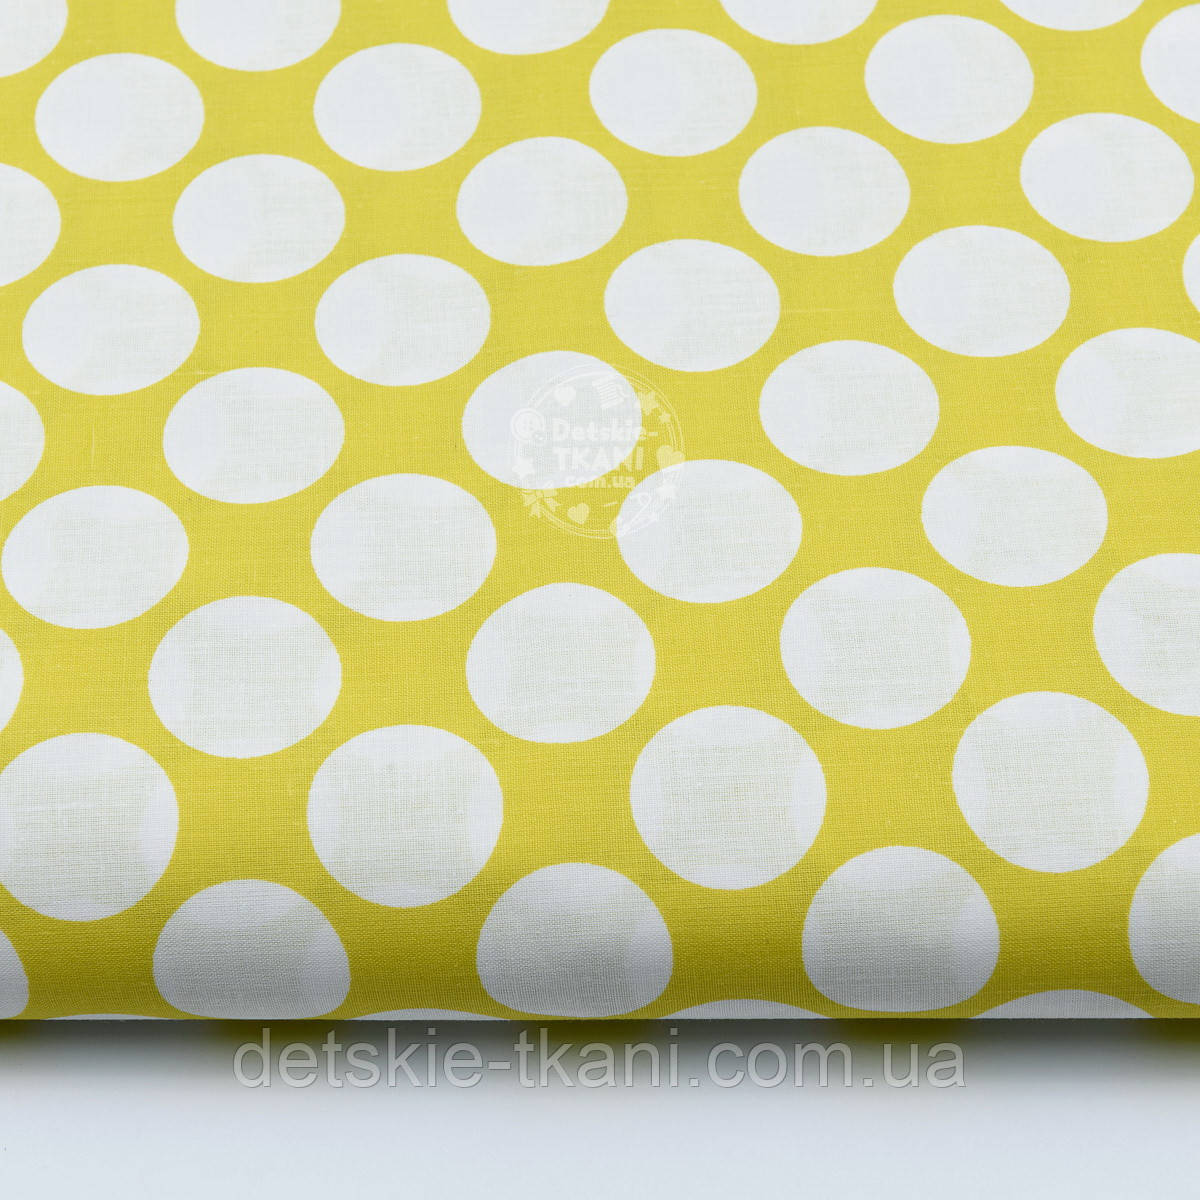 Отрез ткани горчичного цвета с густыми горохами размером 3 см (№ 674а), размер 49*160